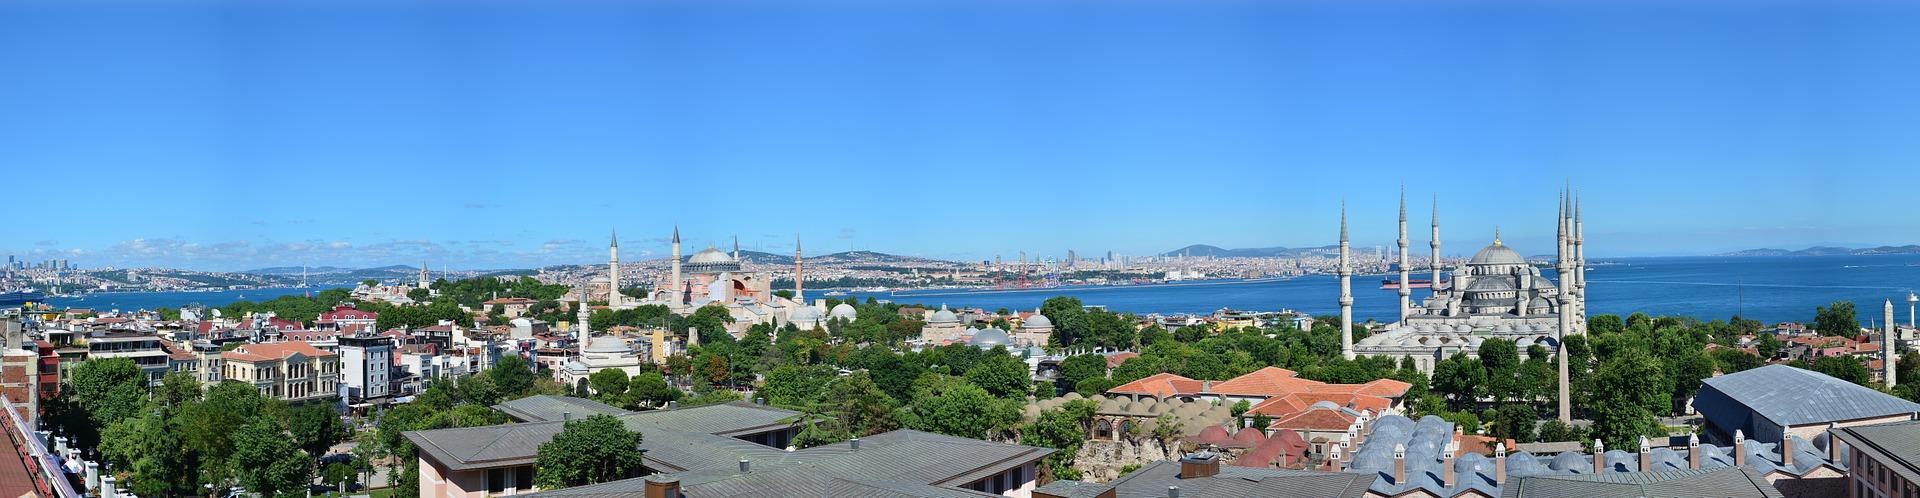 Istanbul Urlaub am Bosporus 5 Tage Türkei ab 165,00€